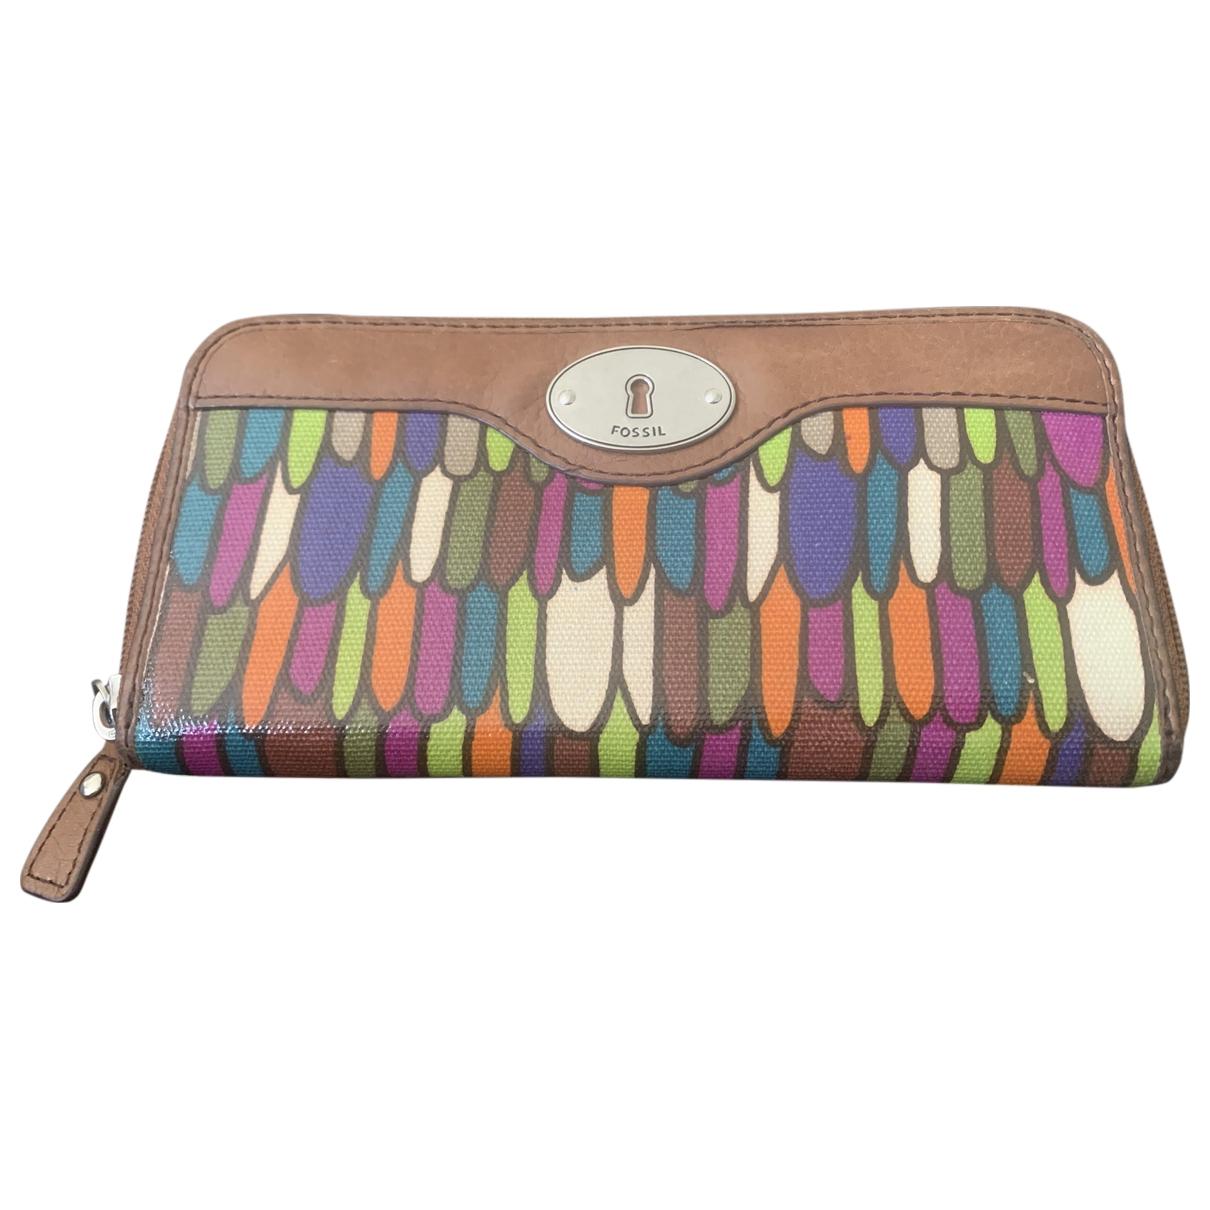 Fossil - Portefeuille   pour femme en cuir - multicolore